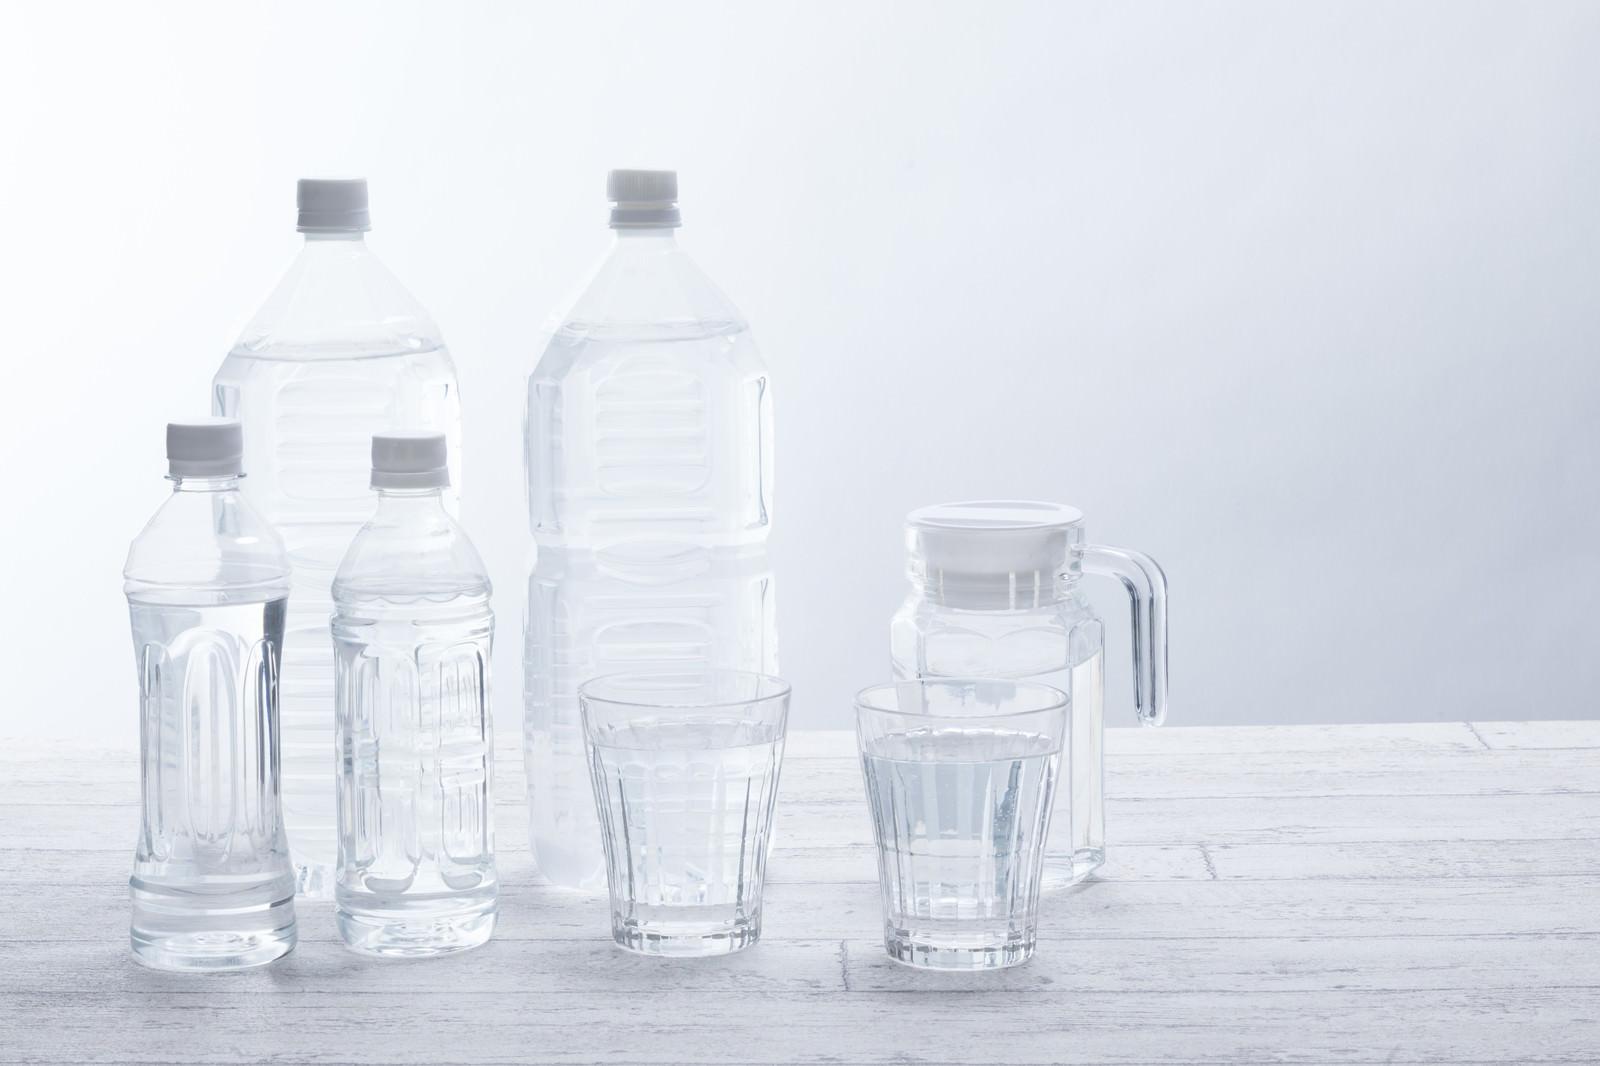 「テーブル上の飲料水(ペットボトルグラス)テーブル上の飲料水(ペットボトルグラス)」のフリー写真素材を拡大